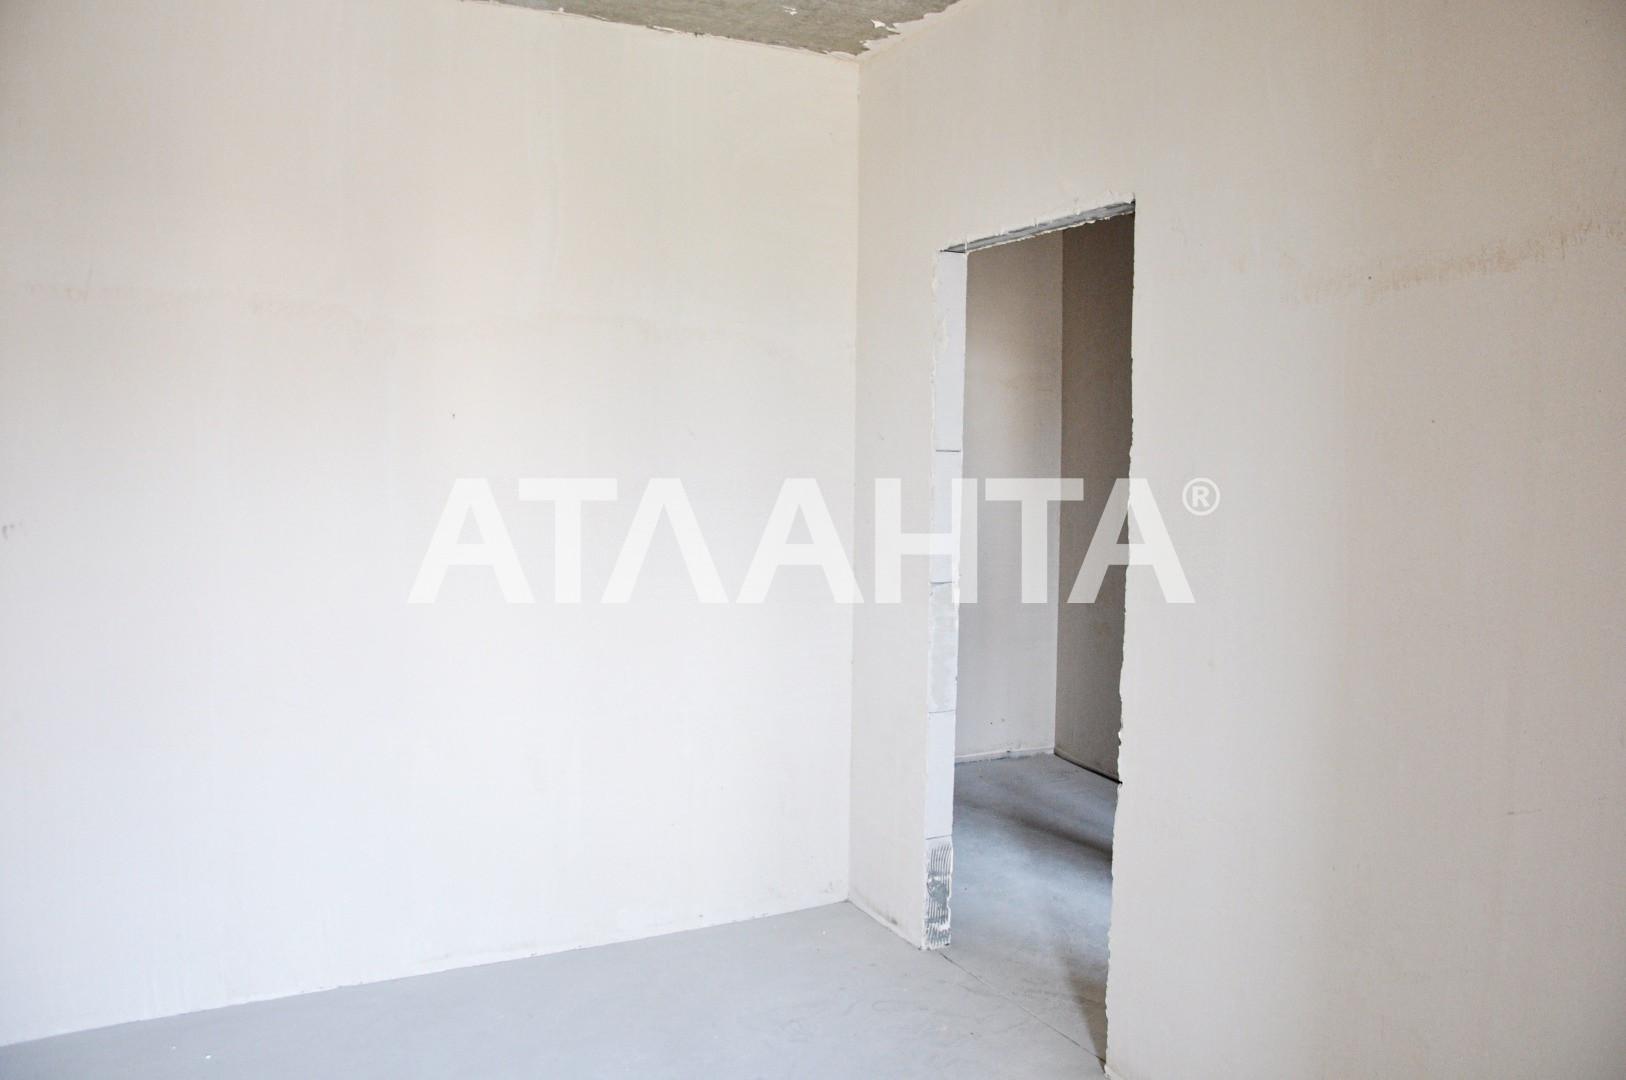 Продается 2-комнатная Квартира на ул. Каманина — 65 000 у.е. (фото №9)